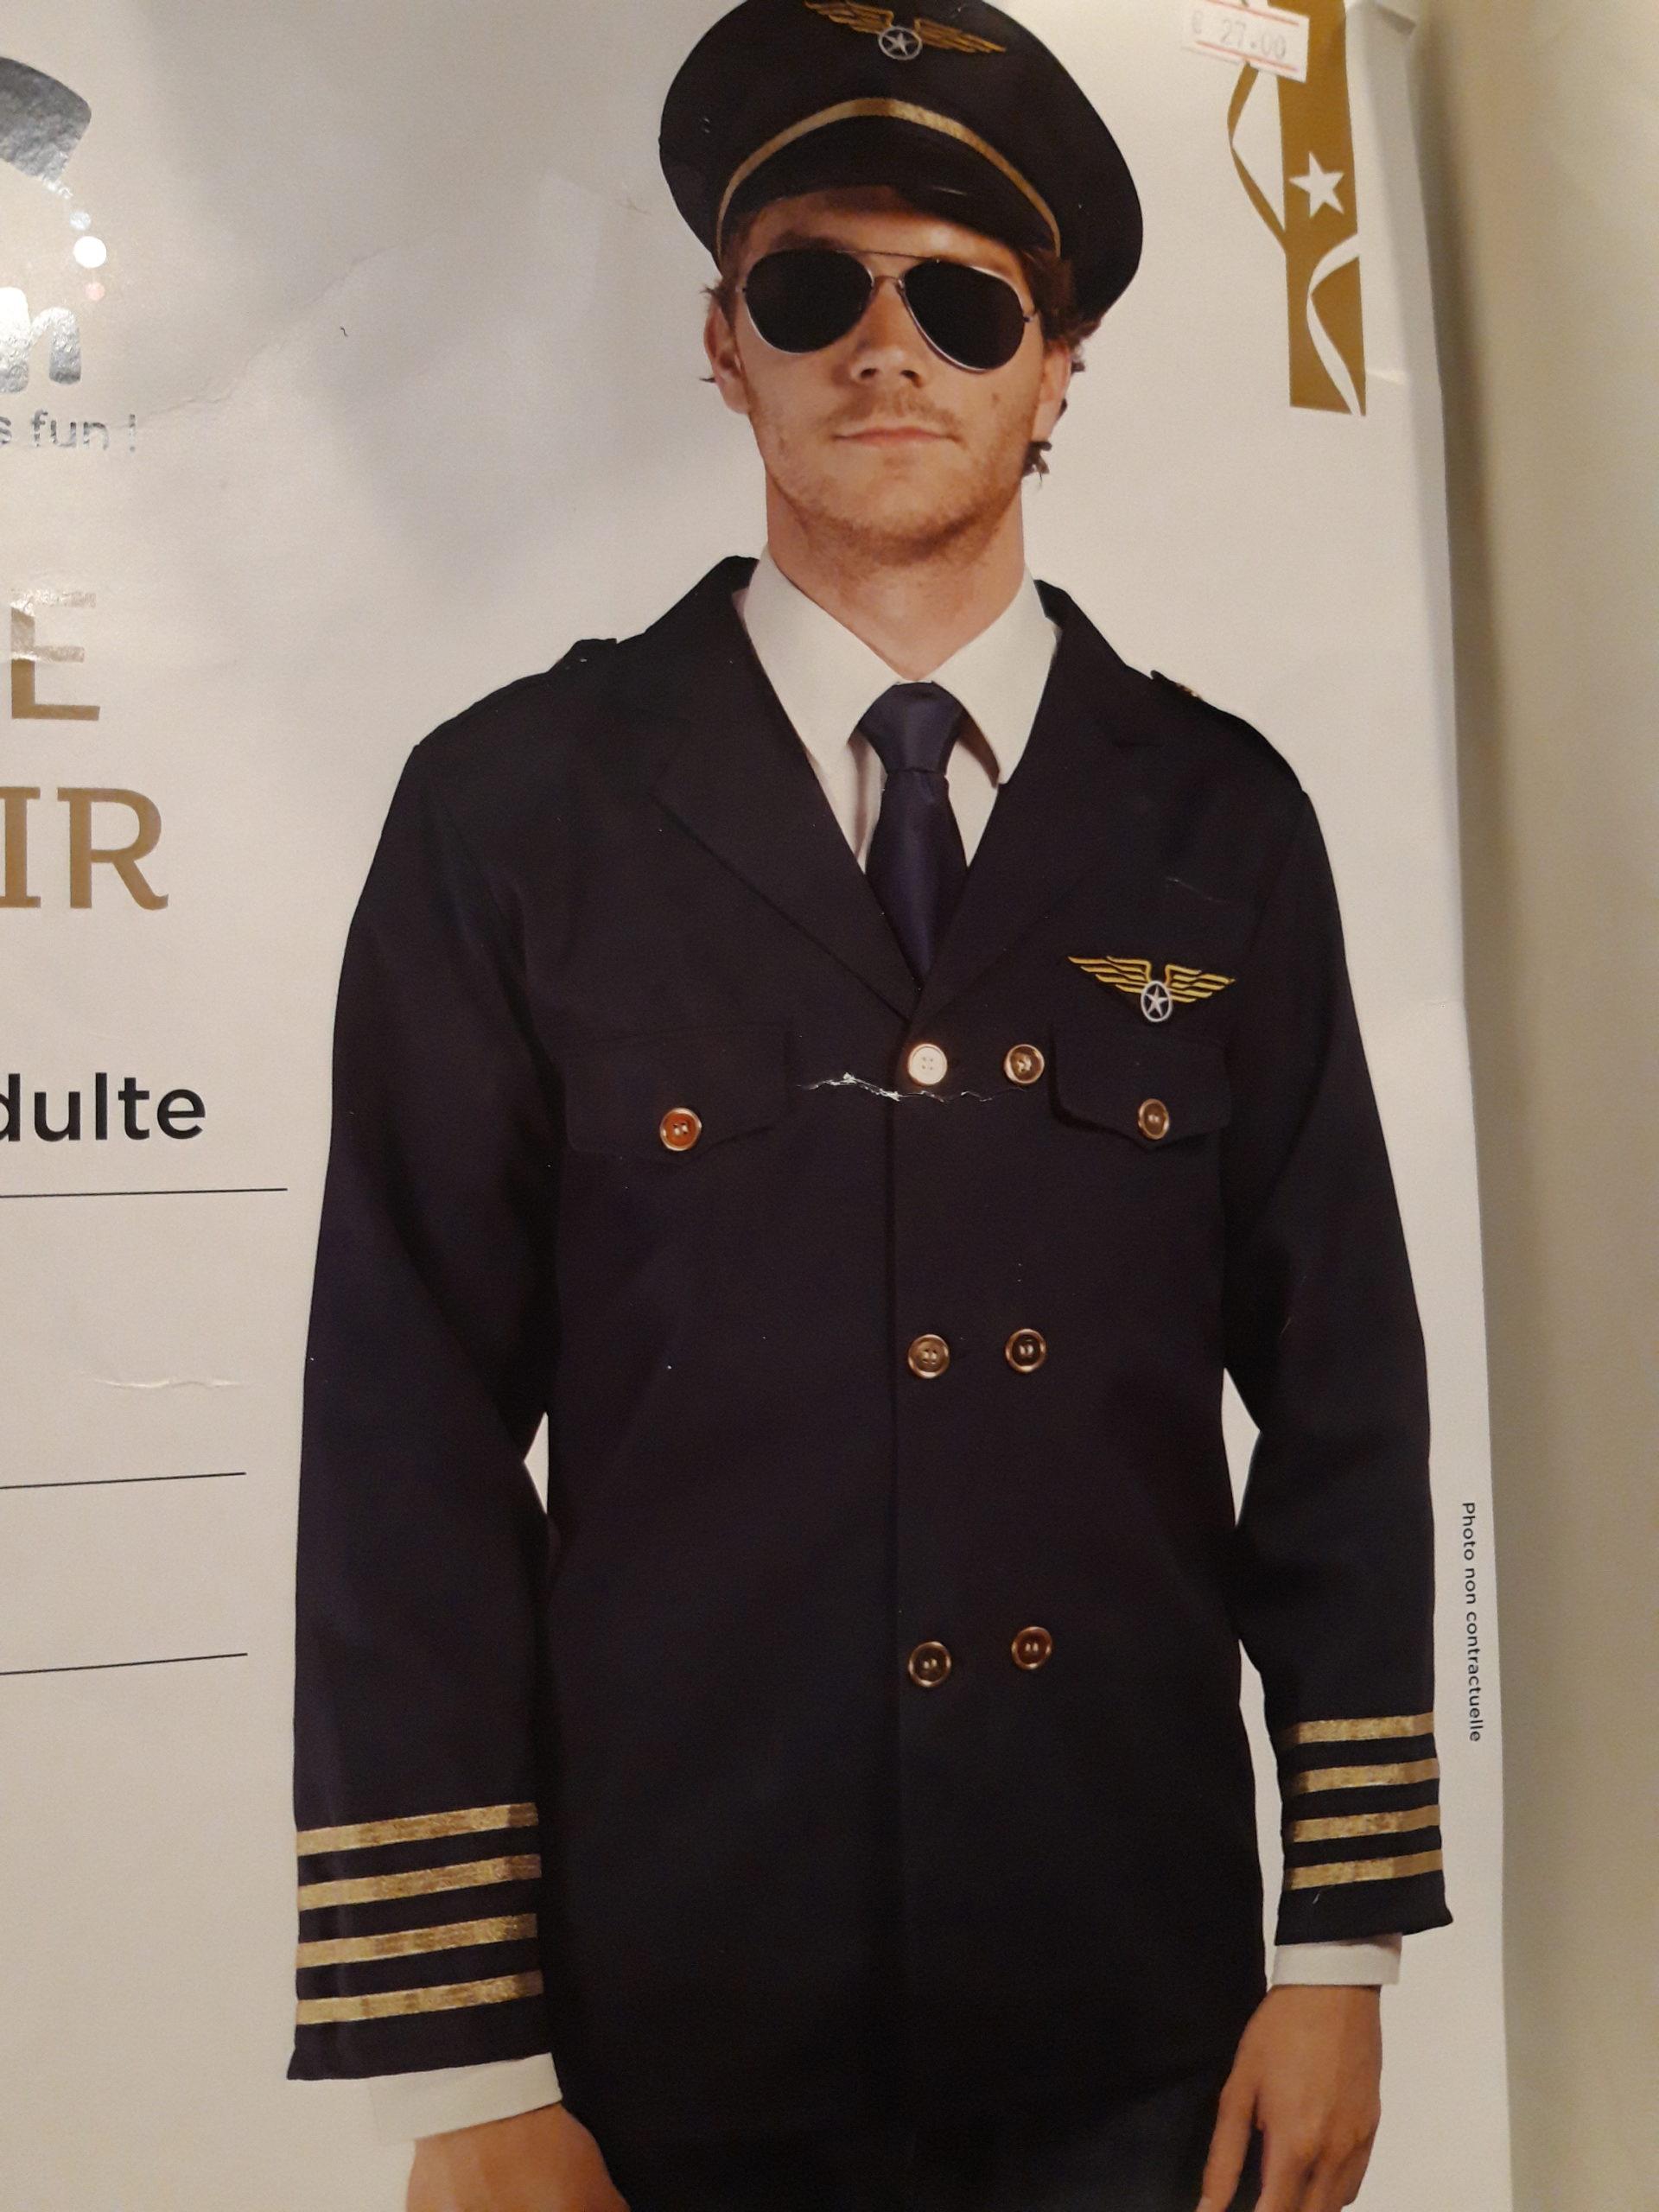 Pilote de l'air